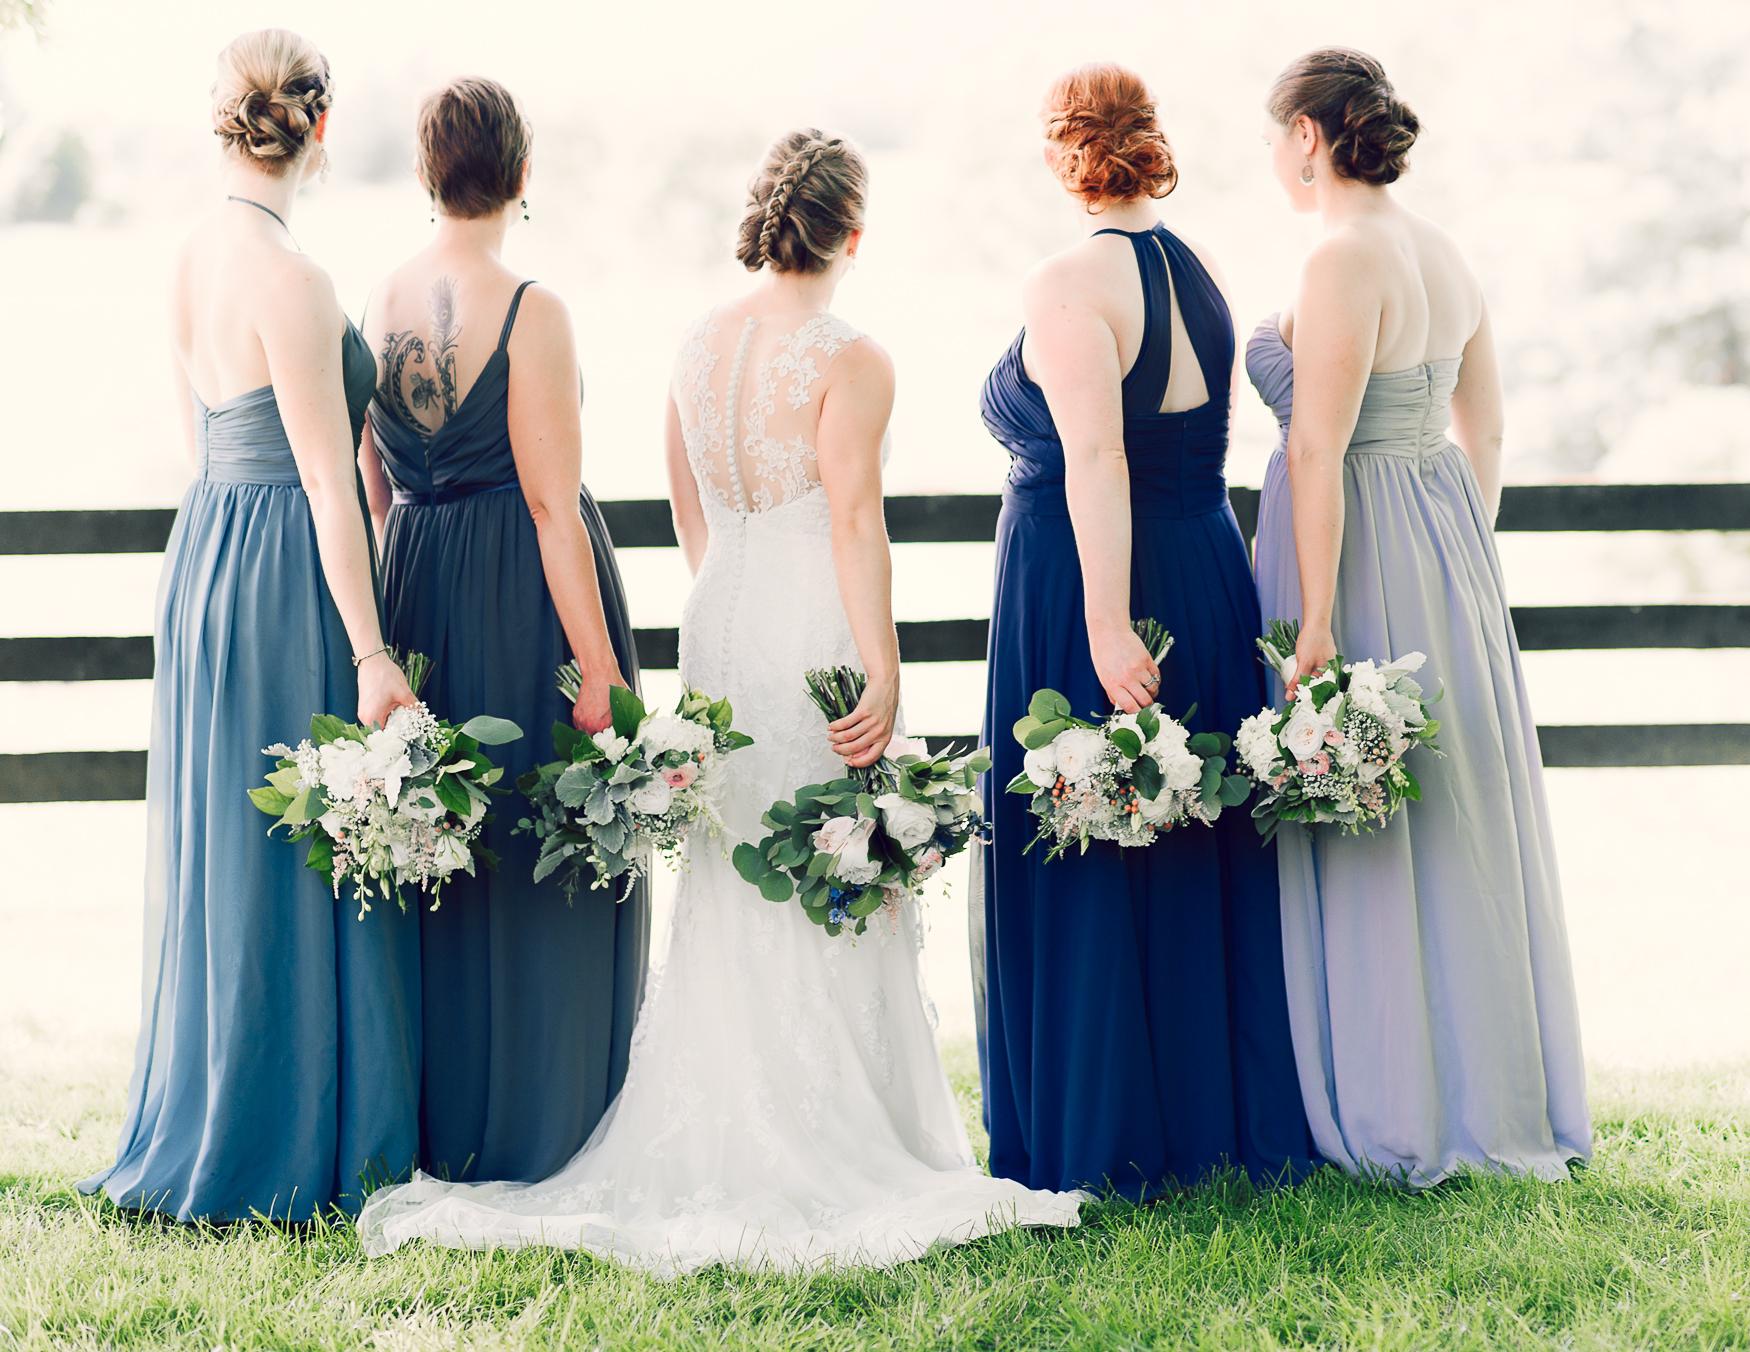 charlottesvillewedding_backyardwedding_virginia_youseephotography_CaitlinDerek (26).jpg